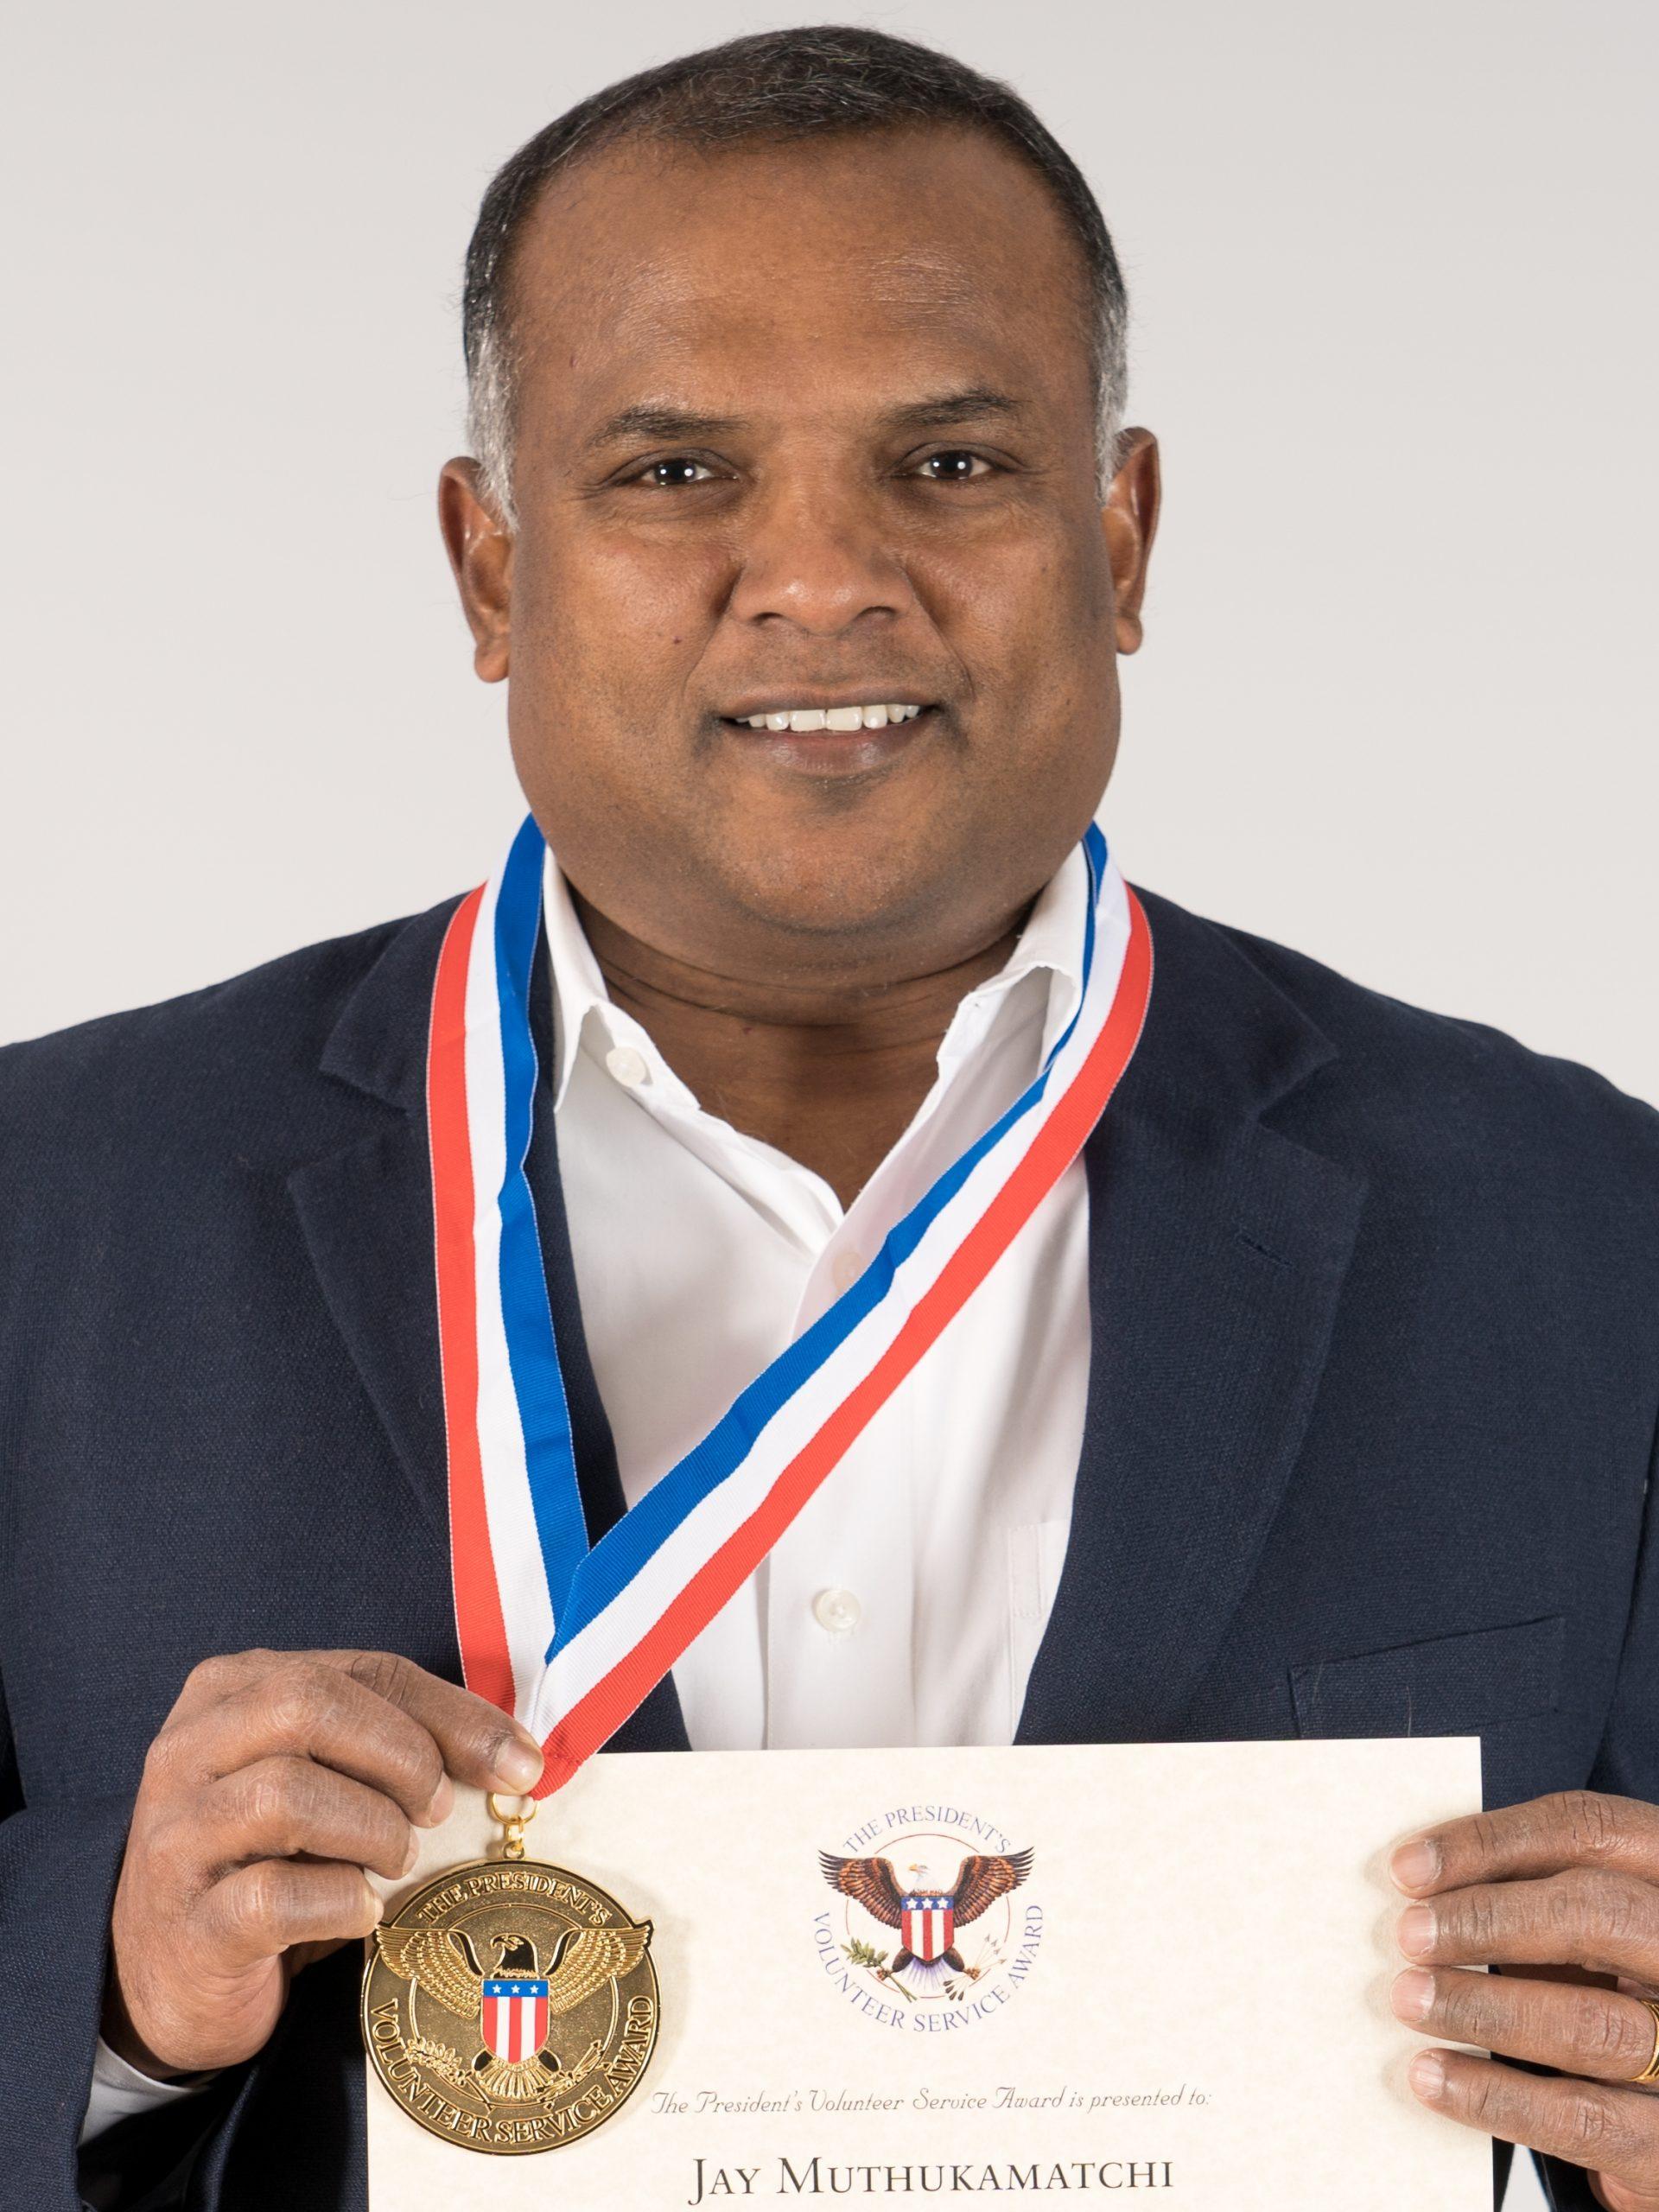 Jay Muthukamatchi